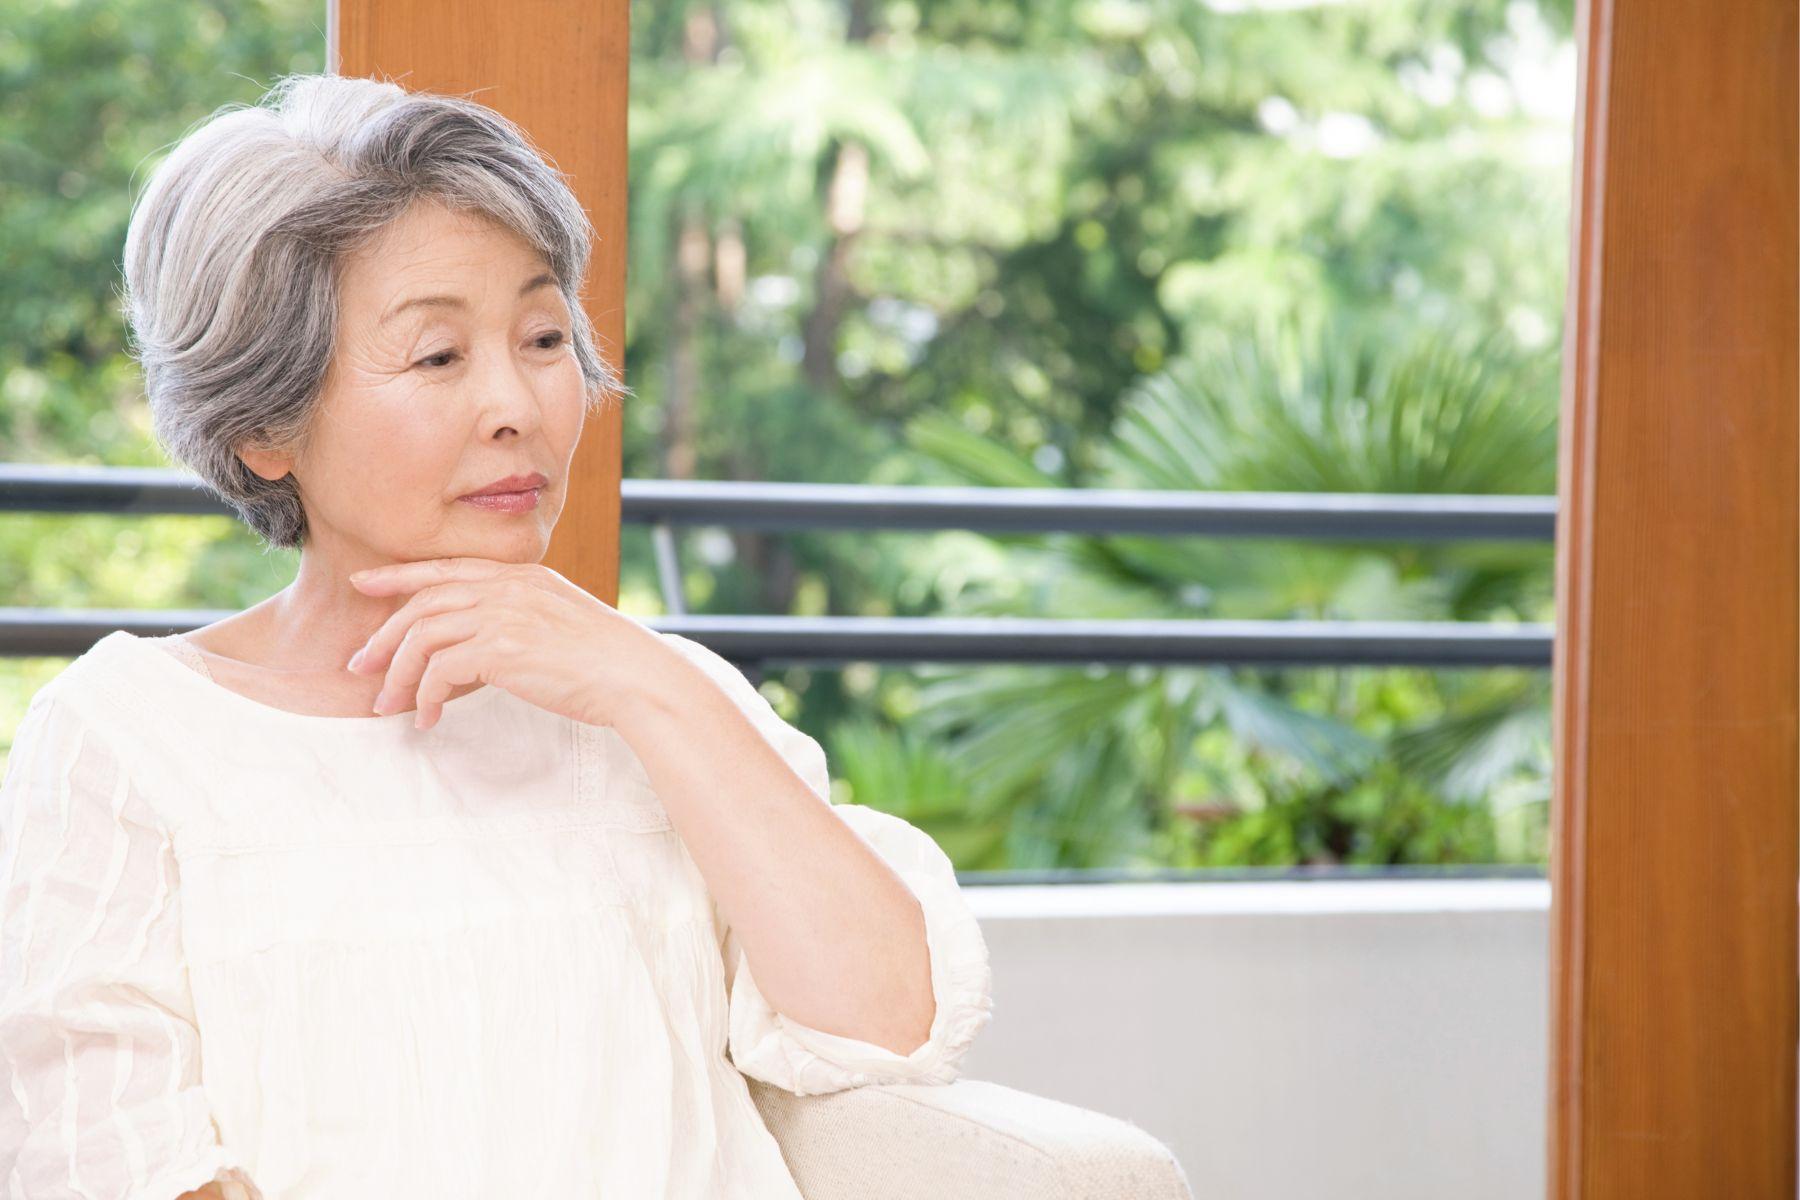 記性變差、脾氣暴躁、妄想?失智症常有「這些」症狀,都不是正常老化